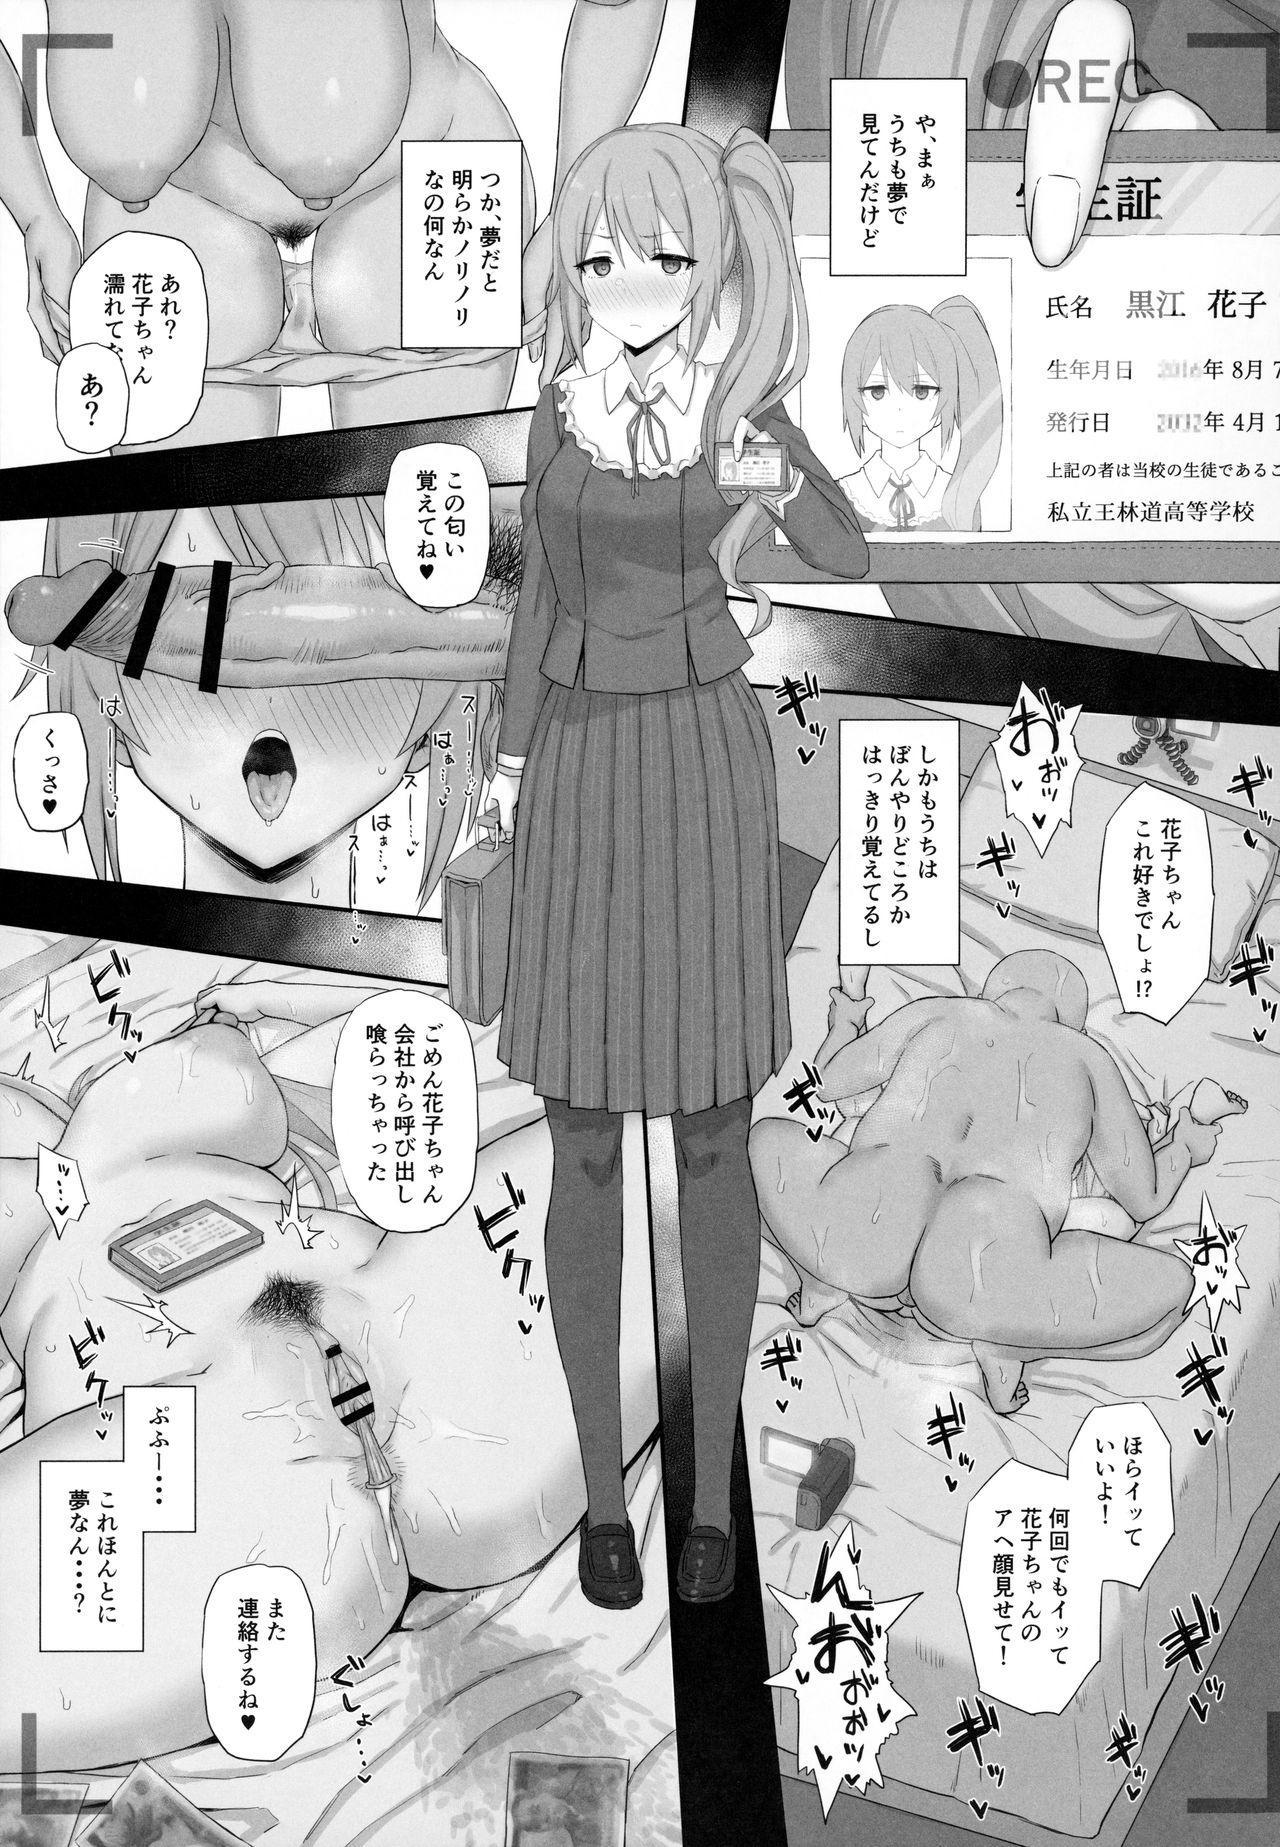 Ojou-sama Gakkou ni Kayou Binbou Shoujo wa Touzen no You ni Papakatsu ni Kiketsu Suru 13